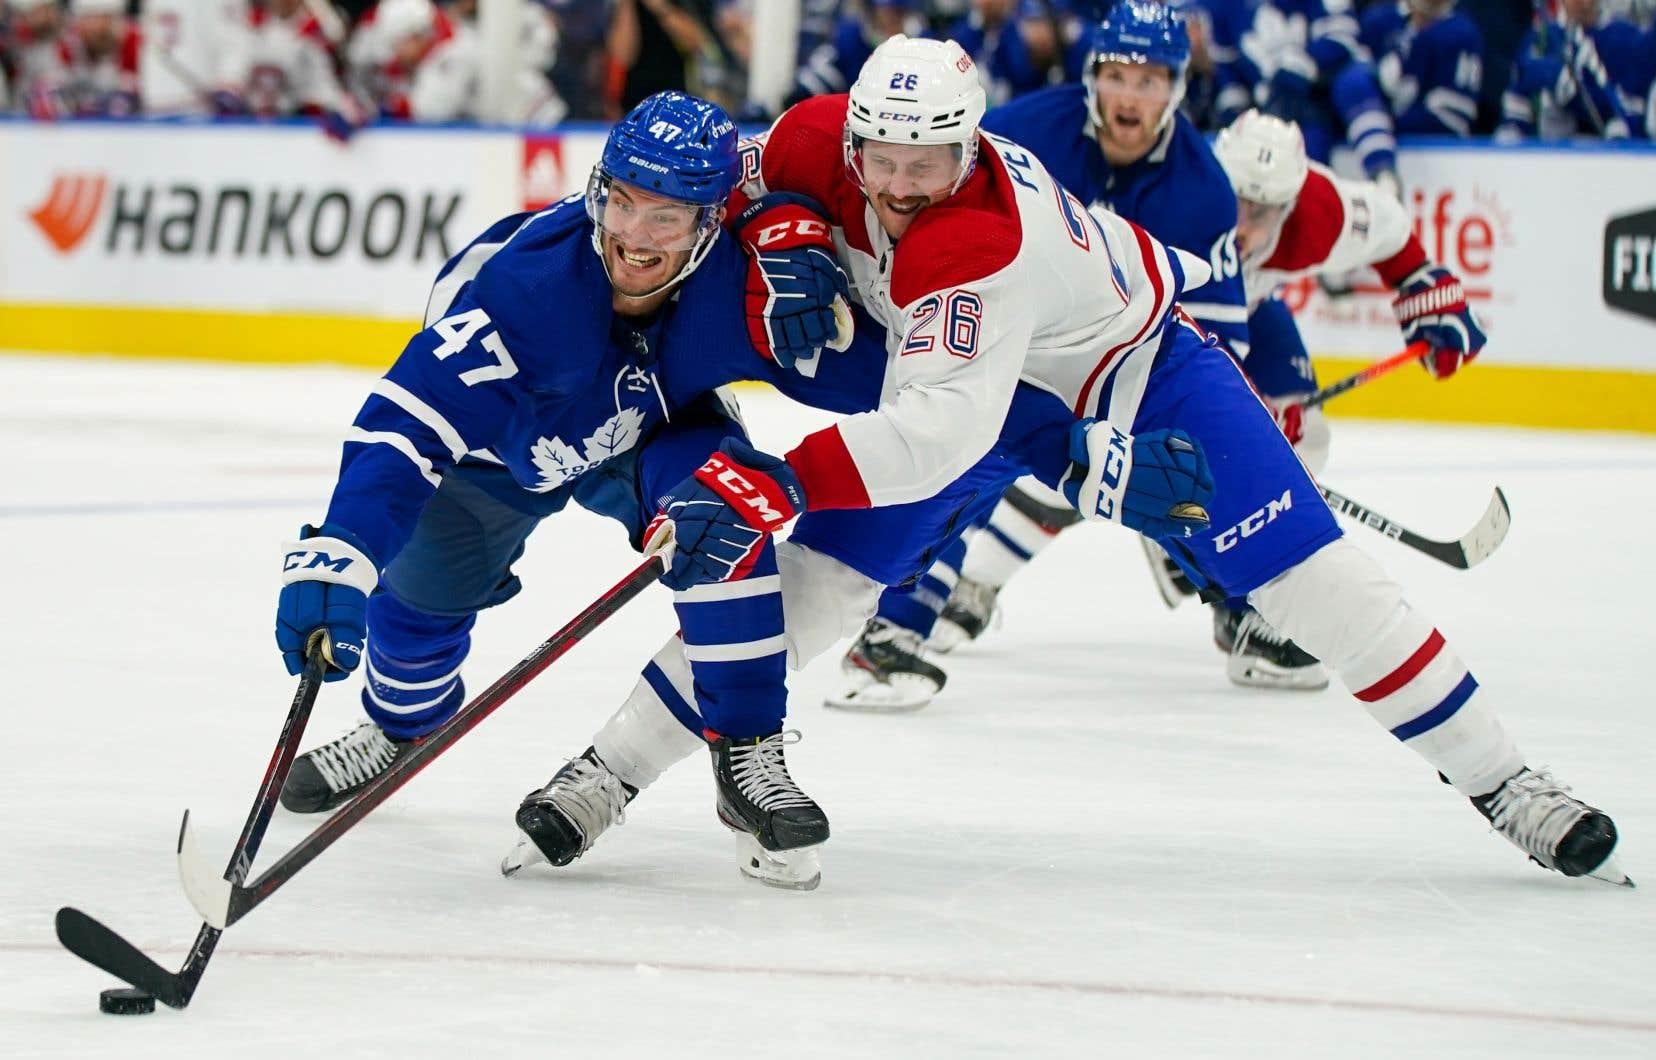 Le Canadien a commencé le match en force, mais Campbell a gardé le fort pour les Maple Leafs, qui ont finalement réussi à gagner ce match revanche.